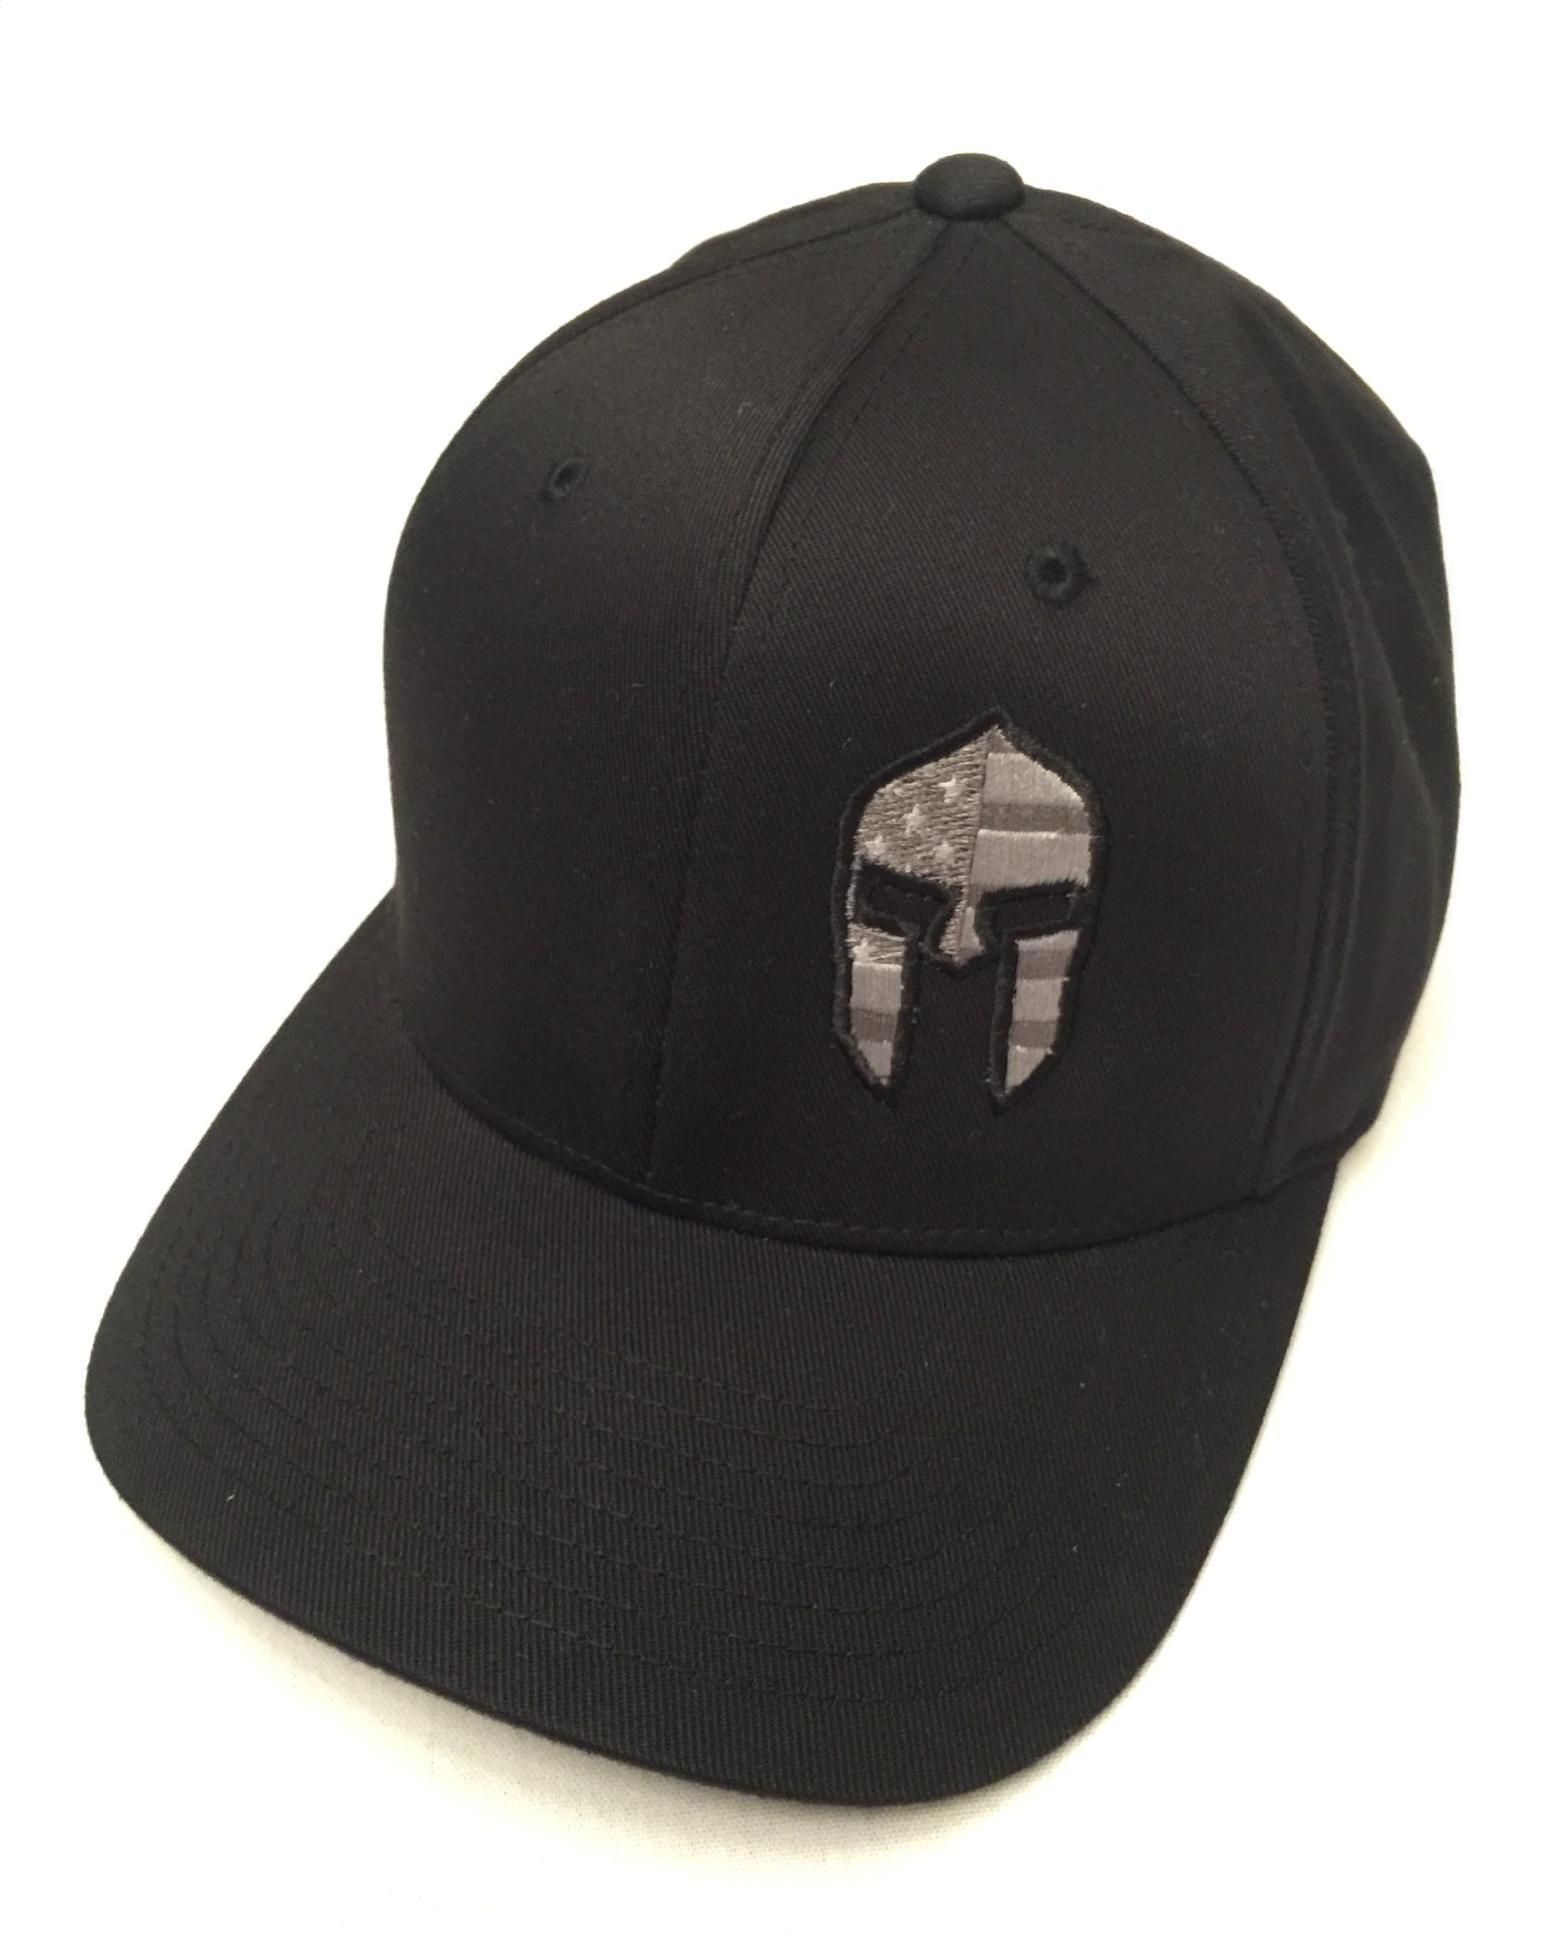 Spartan Hat | American Spartan Apparel